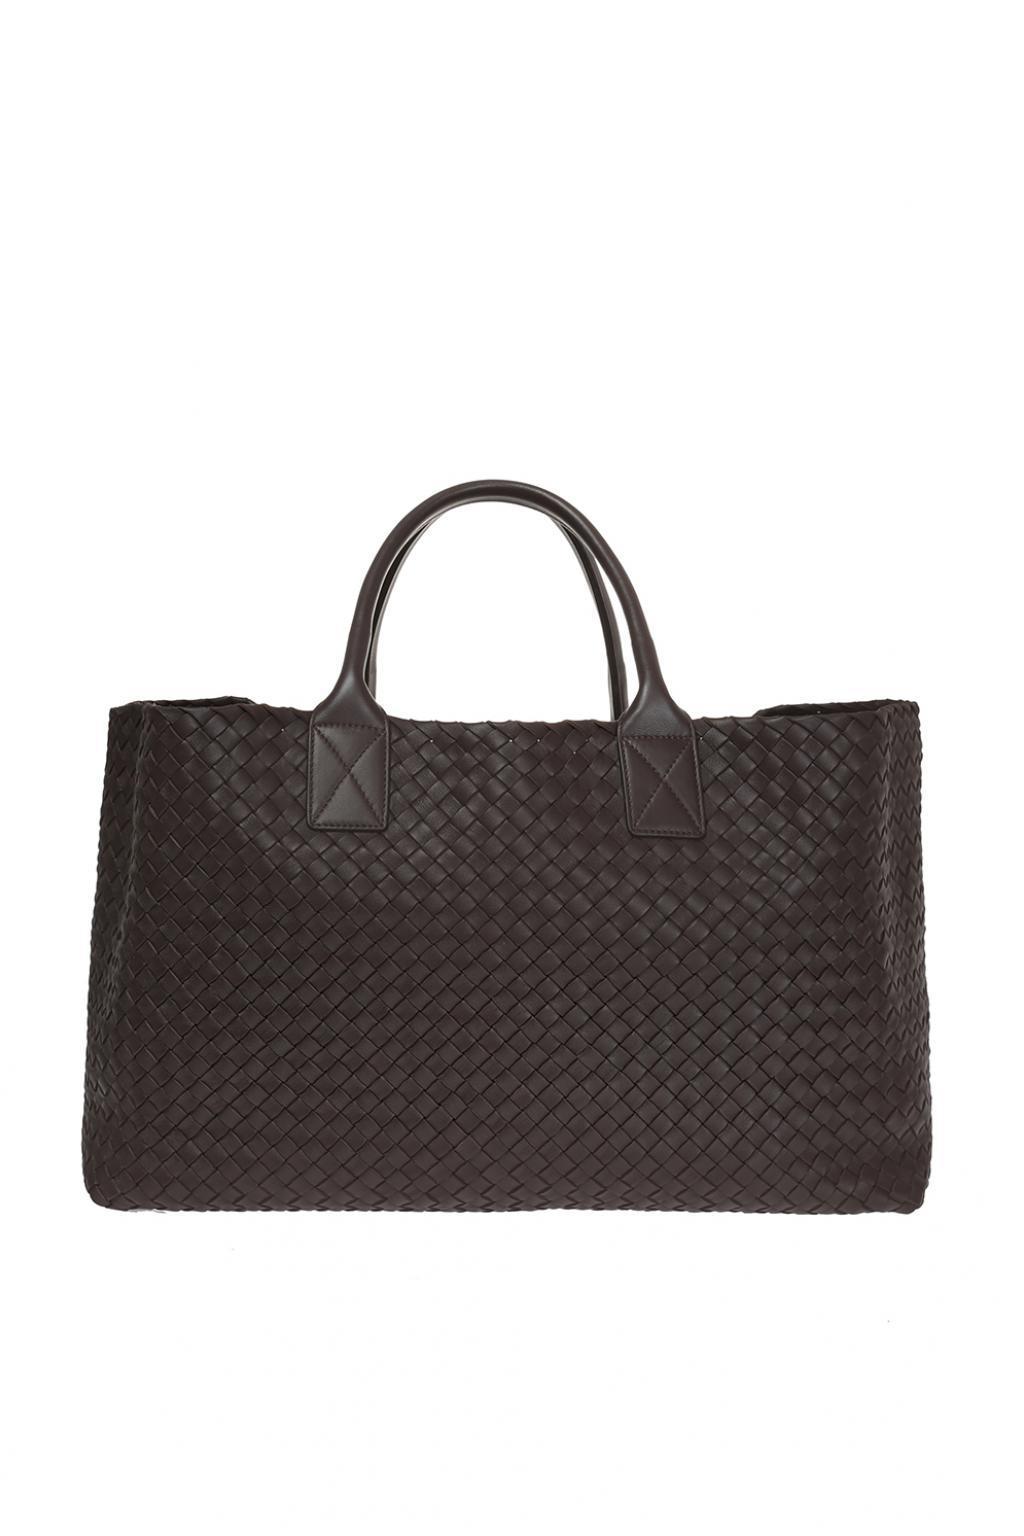 Bottega Veneta  cabat  Bag in Brown - Lyst 5f95cd027b1be